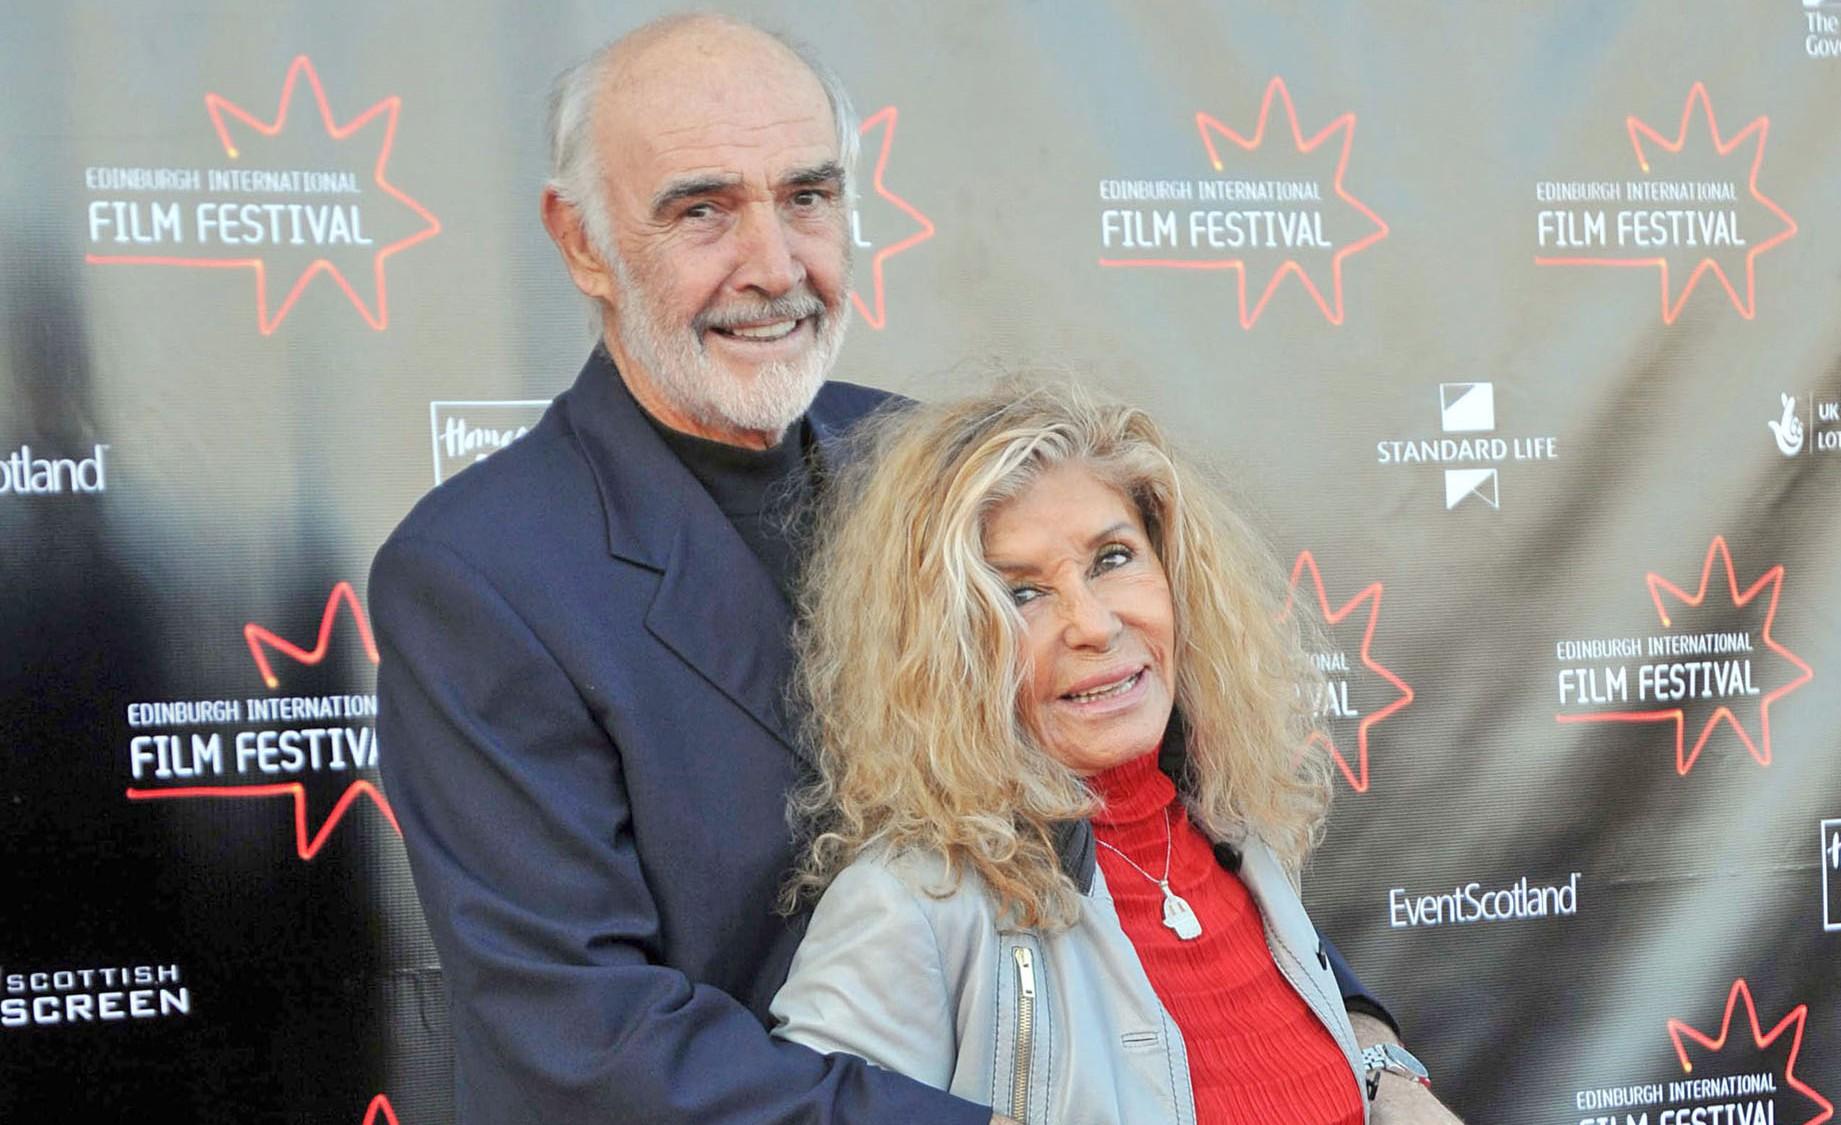 La última y entrañable imagen de Sean Connery da la vuelta al mundo - Chic